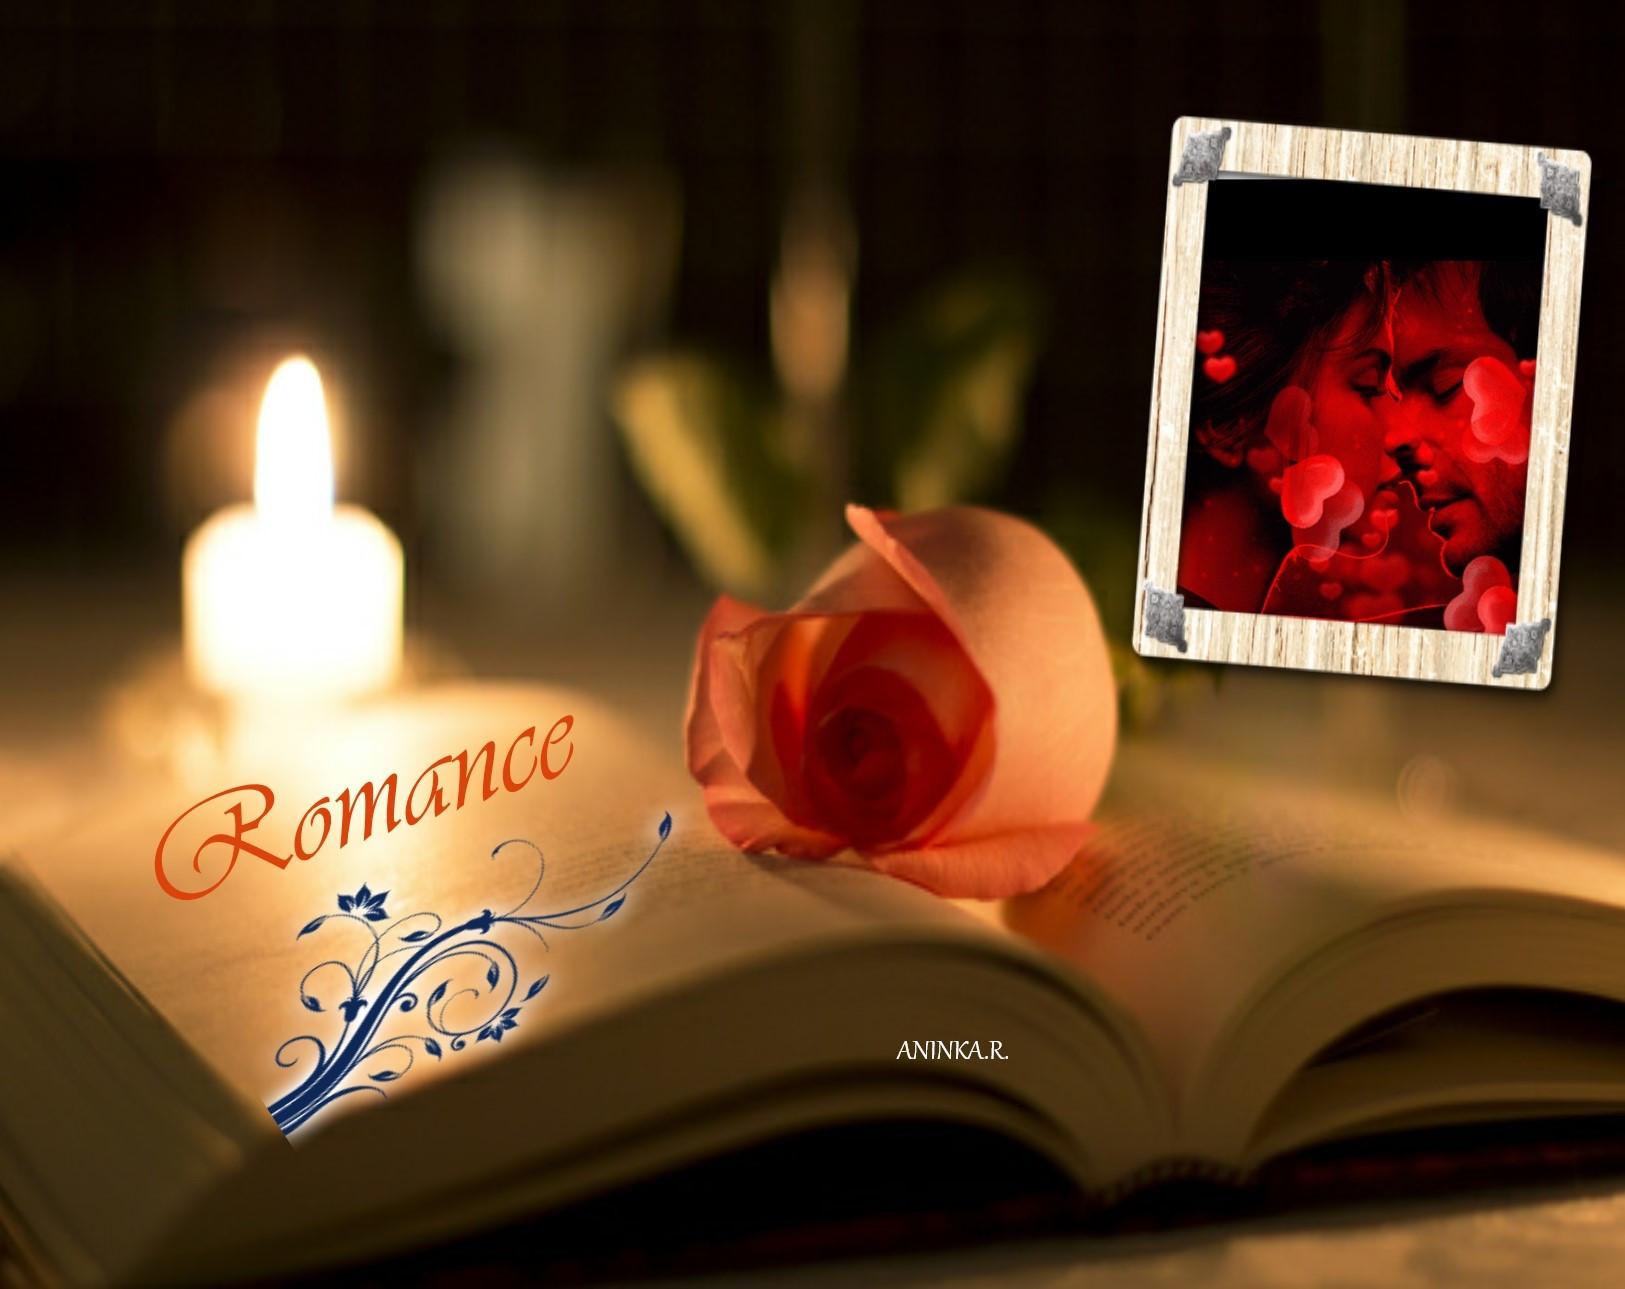 Romance-Miminko58-iLoveYou.jpg